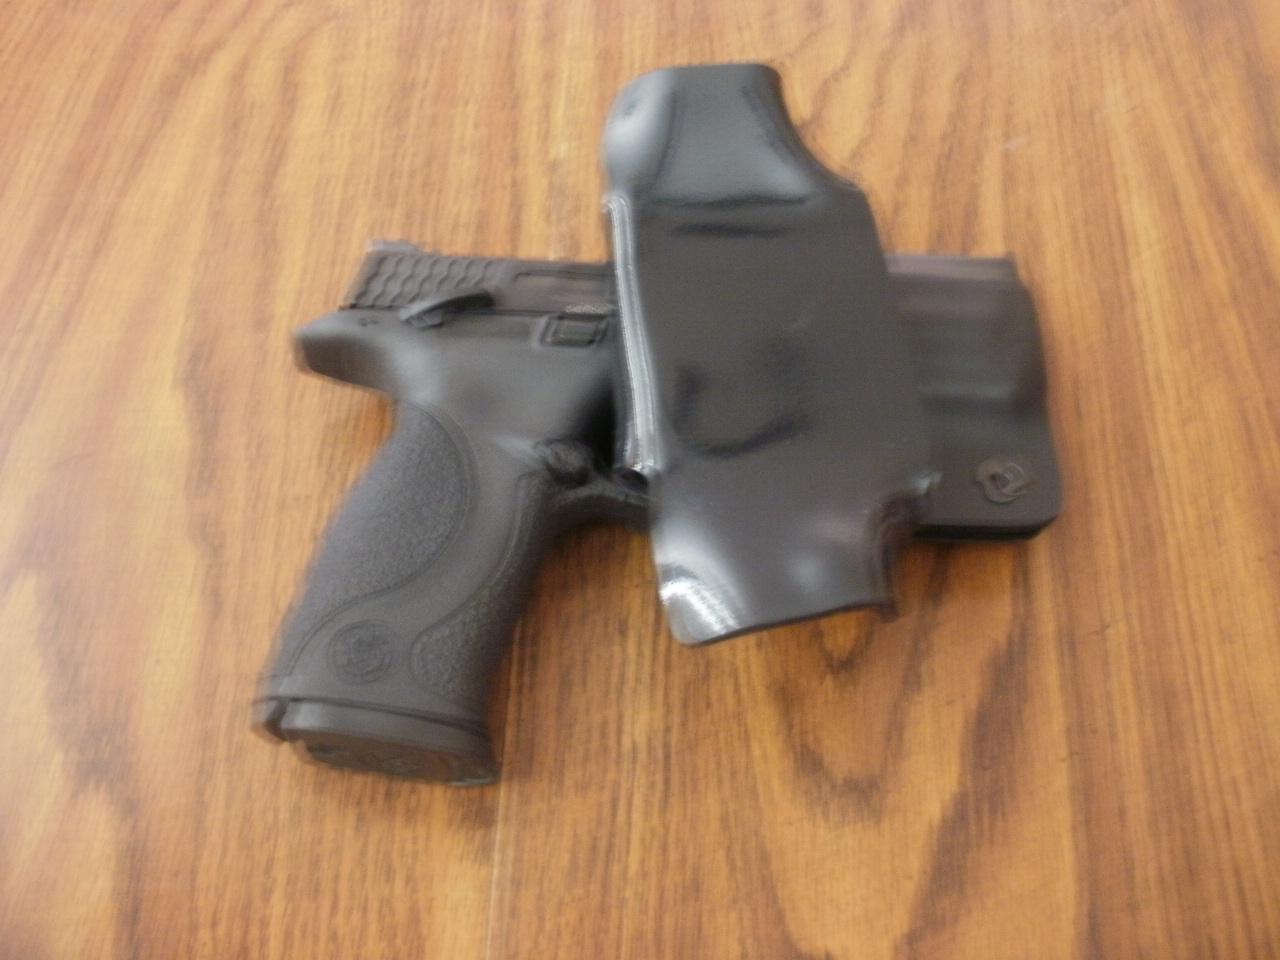 OWB Concealed Carry-p3030367.jpg